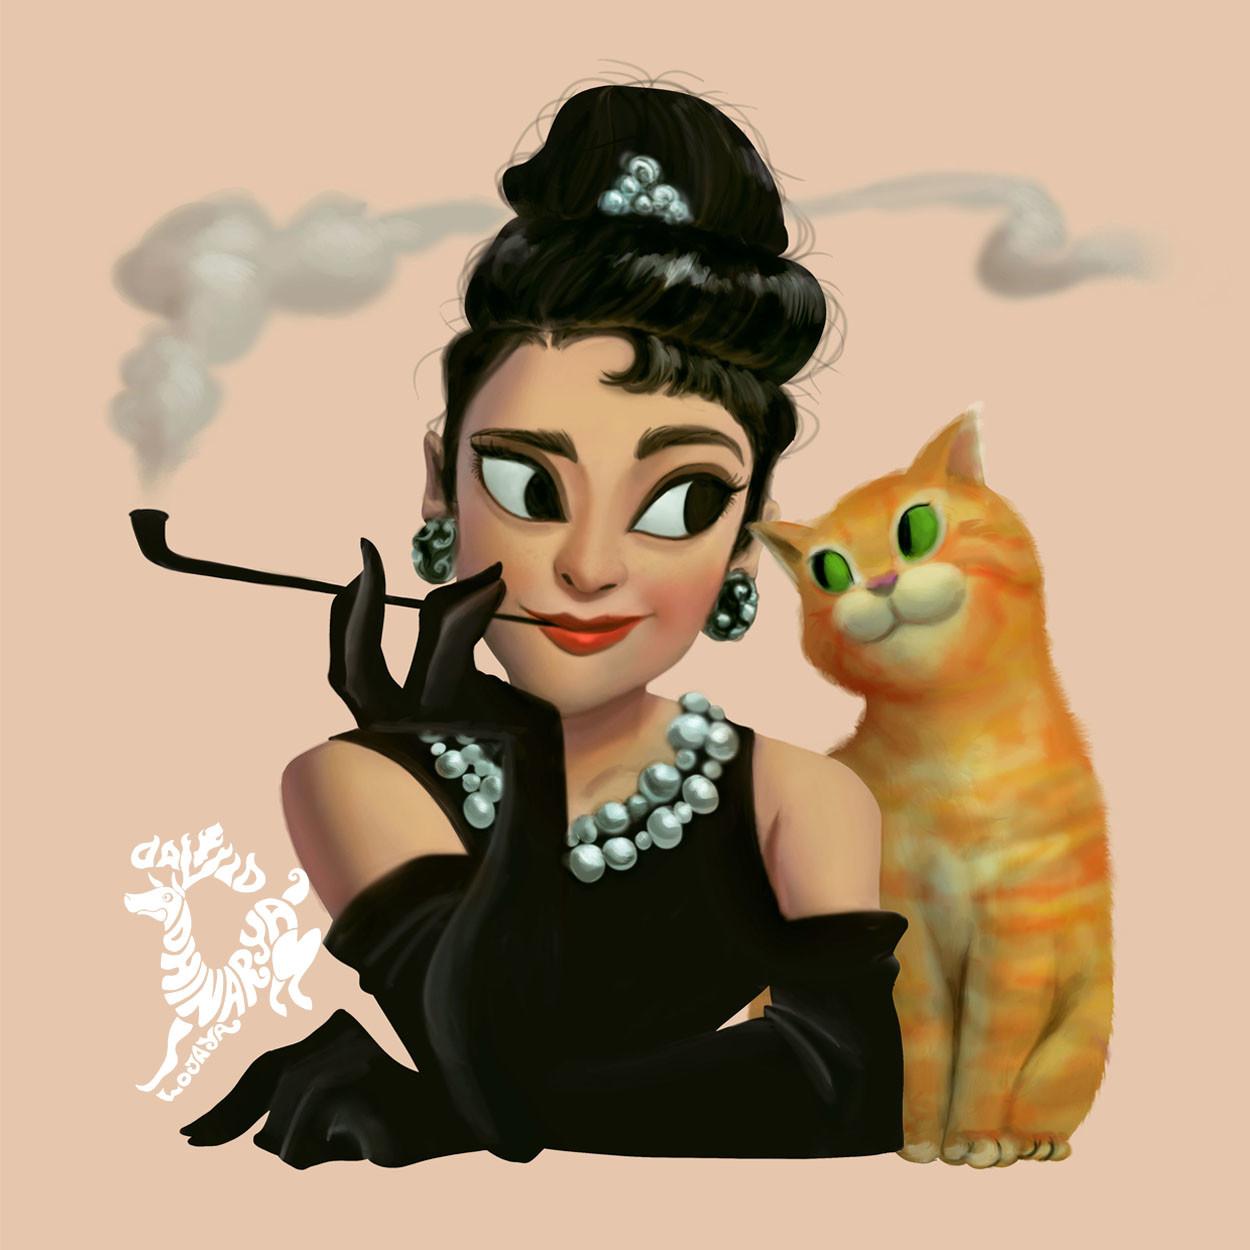 Фото Audrey Hepburn / Одри Хепберн с рыжим котом, Art by David Ardinaryas Lojaya